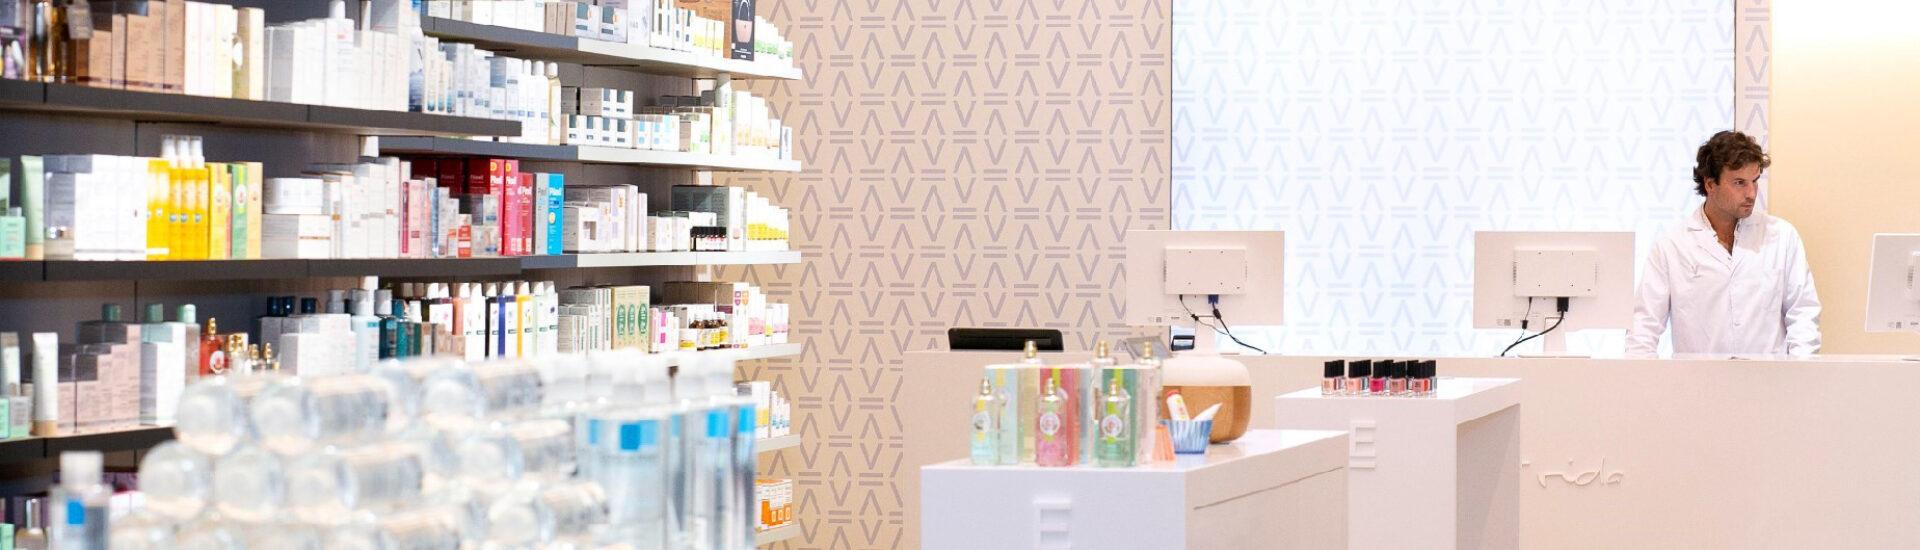 Farmacia America interior